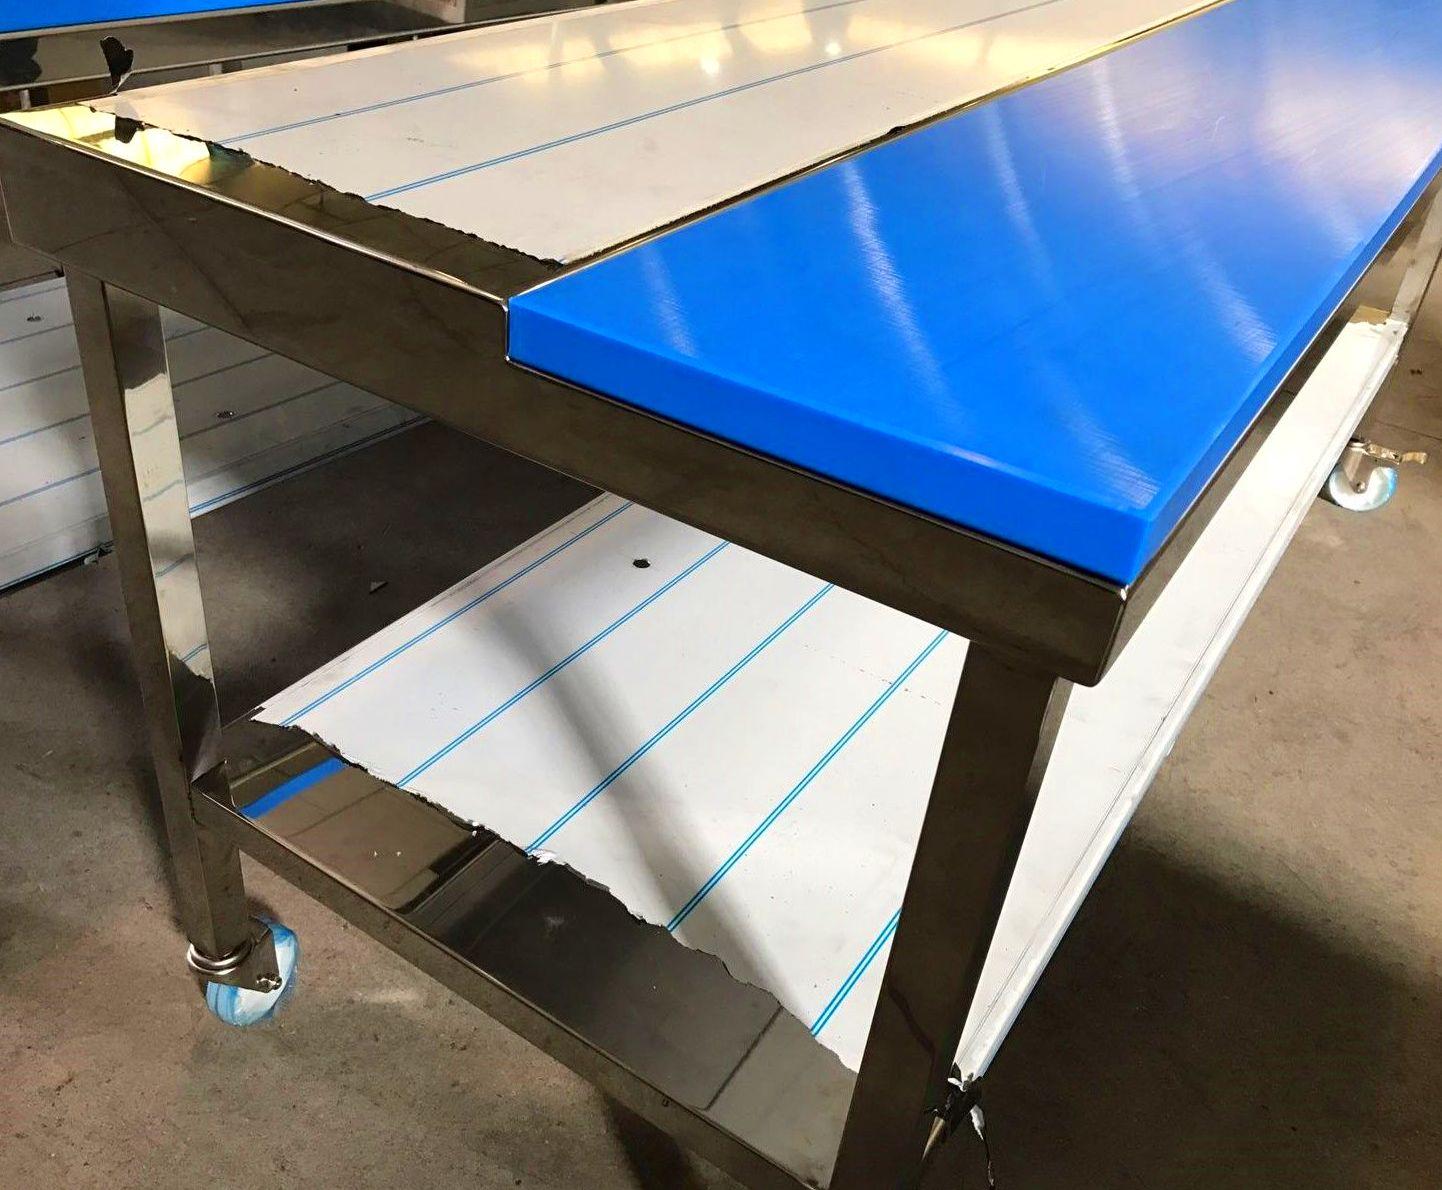 Foto 5 de Carpintería de aluminio, metálica y PVC en  | Metalistería Costa Cálida, S.L